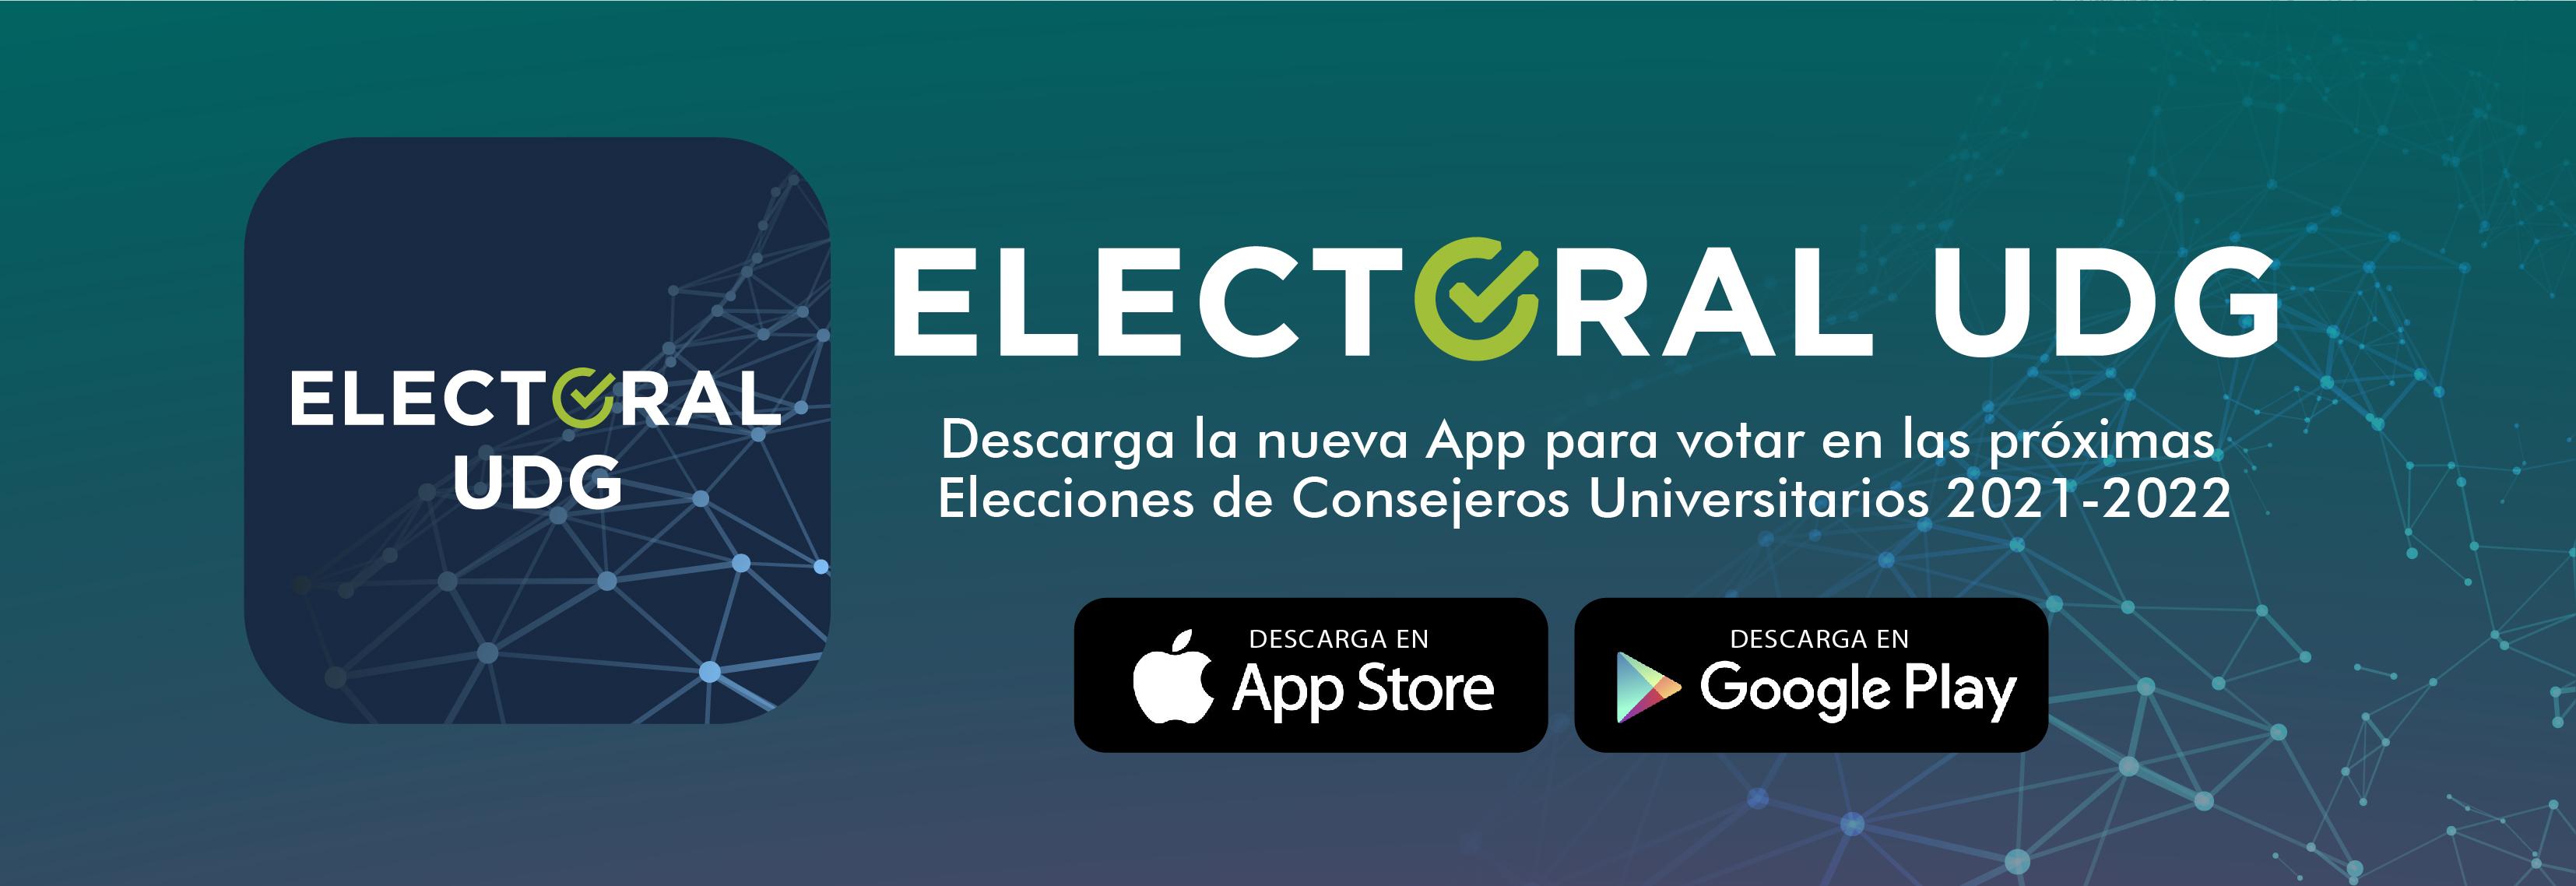 Descarga APP ELECTORAL